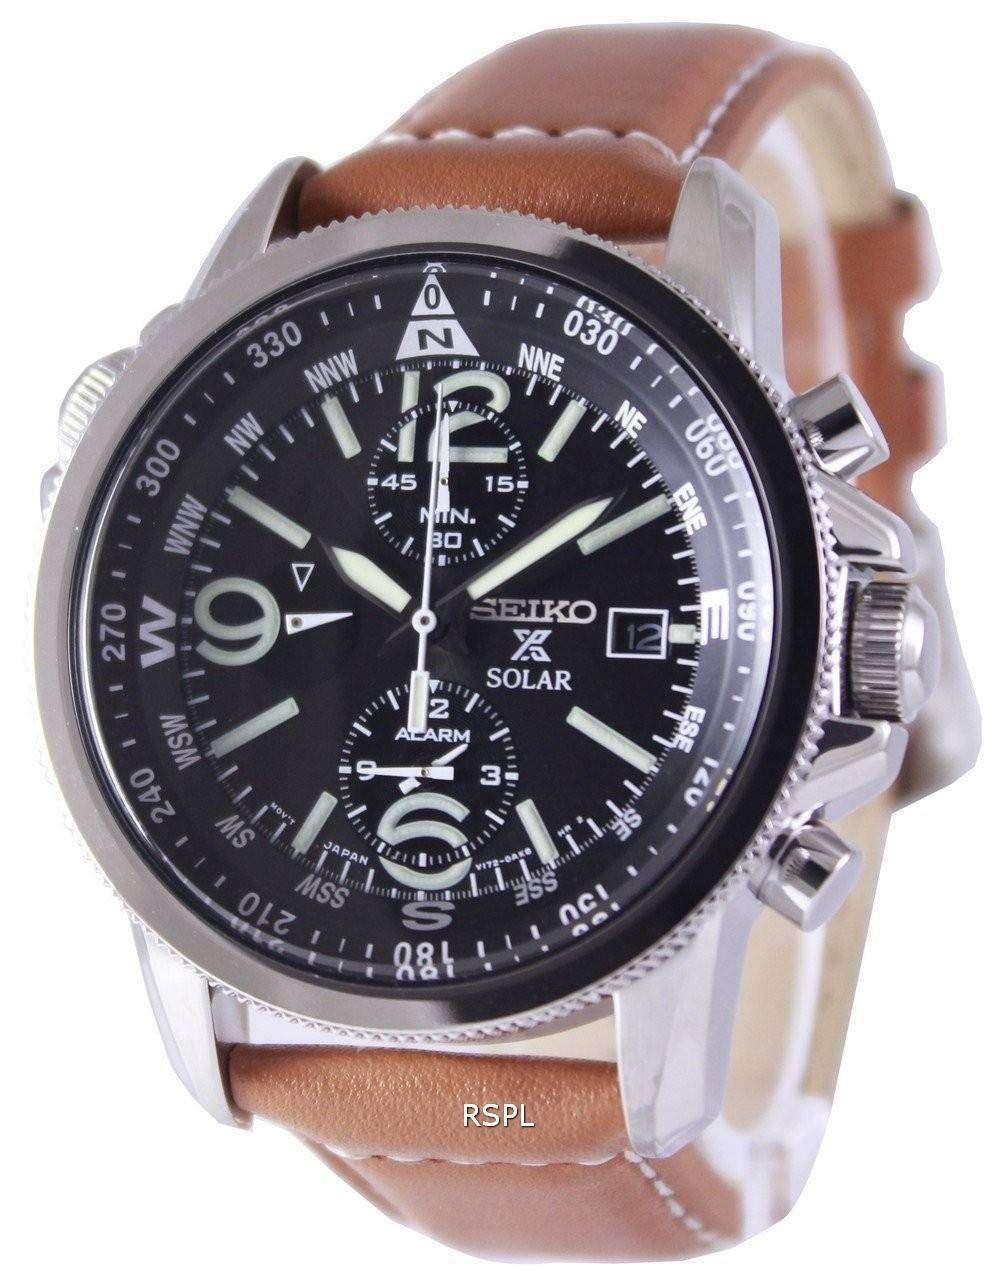 Seiko solar alarm chronograph ssc081 ssc081p1 ssc081p men 39 s watch zetawatches for Seiko solar